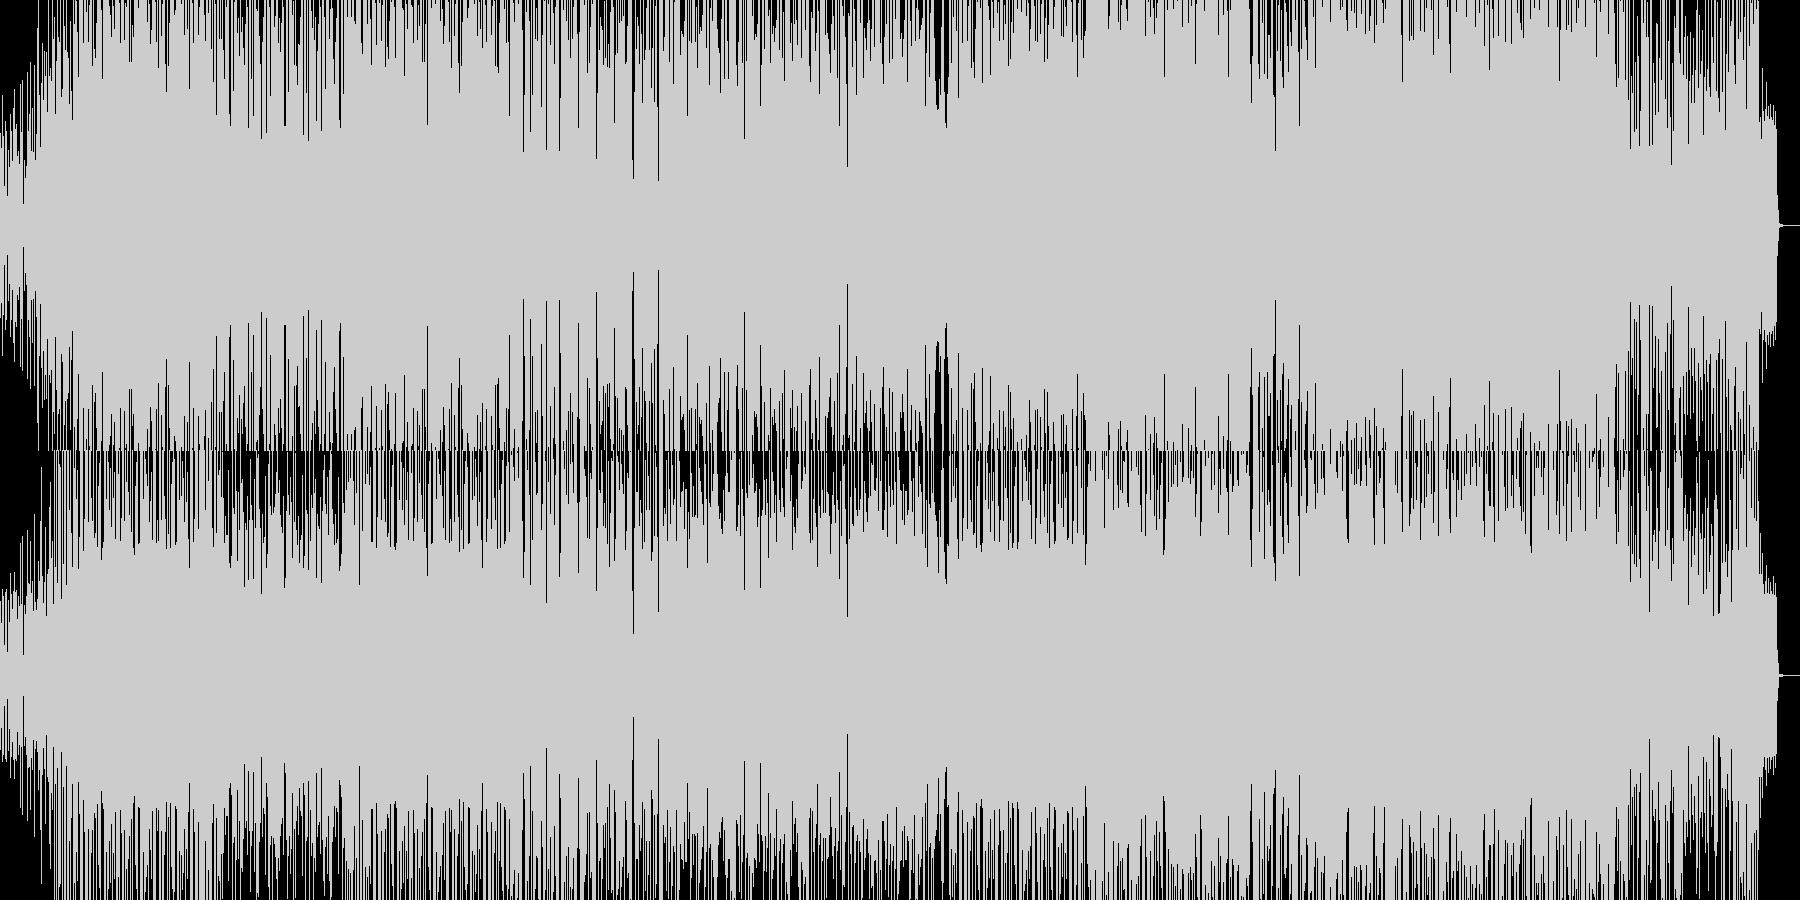 サルサ。ほぼパーカッションとピアノ...の未再生の波形